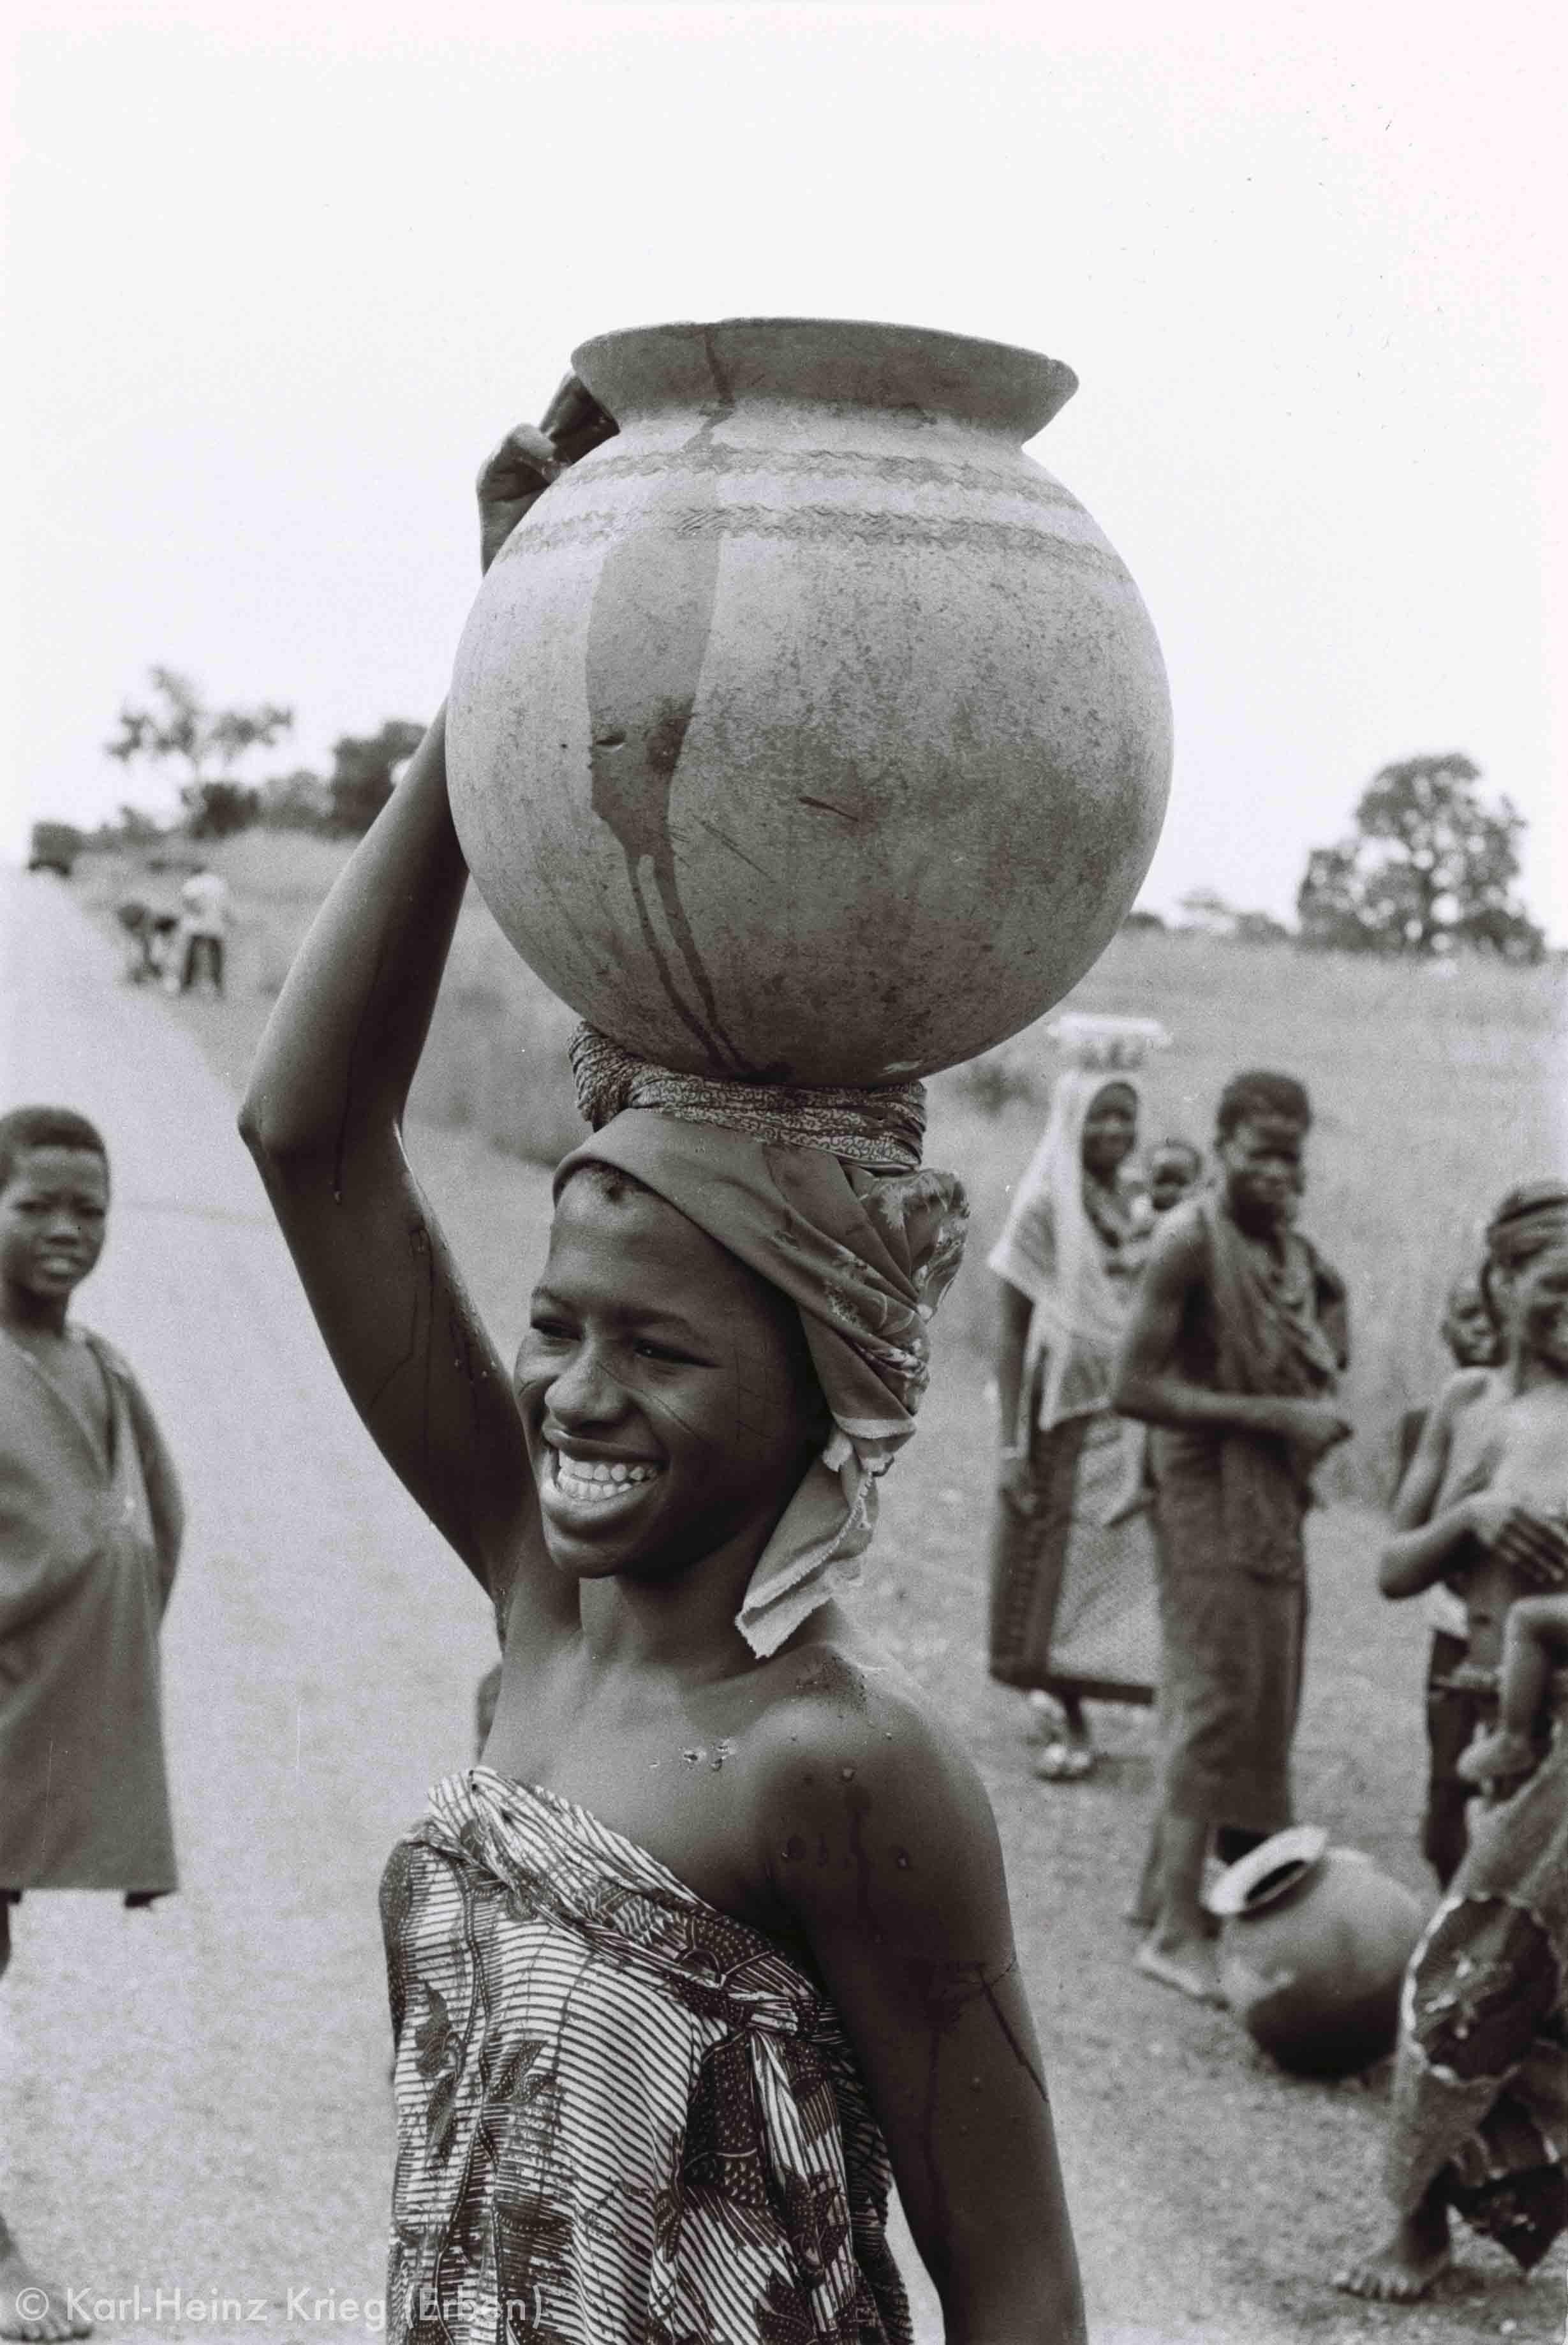 Mosi-Frau beim Wasser holen mit einem Tonkrug, südlich von Ouagadougou (Burkina Faso). Foto: Karl-Heinz Krieg, 1976